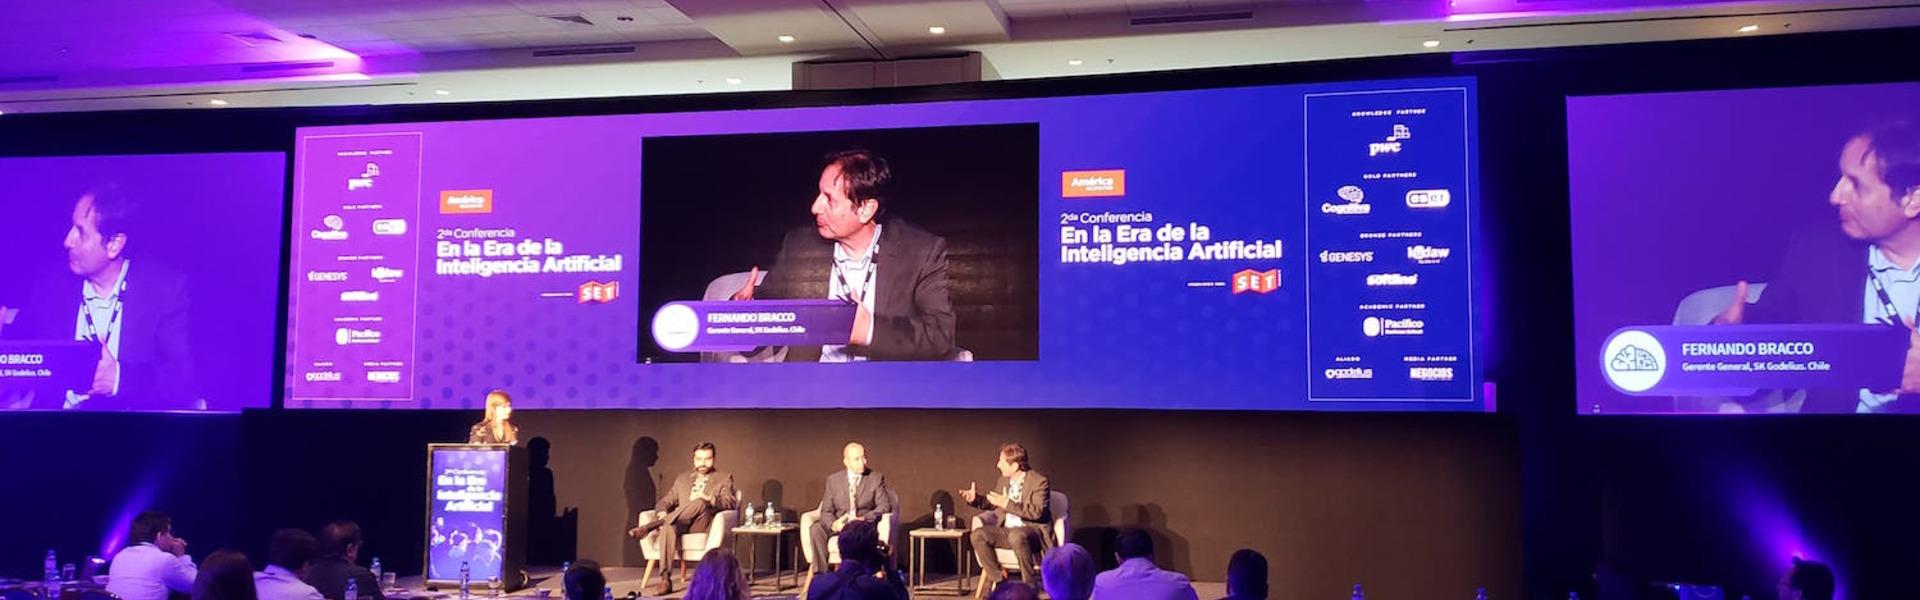 """SK Godelius expone en seminario en Lima """"En al Era de la Inteligencia Artificial"""""""